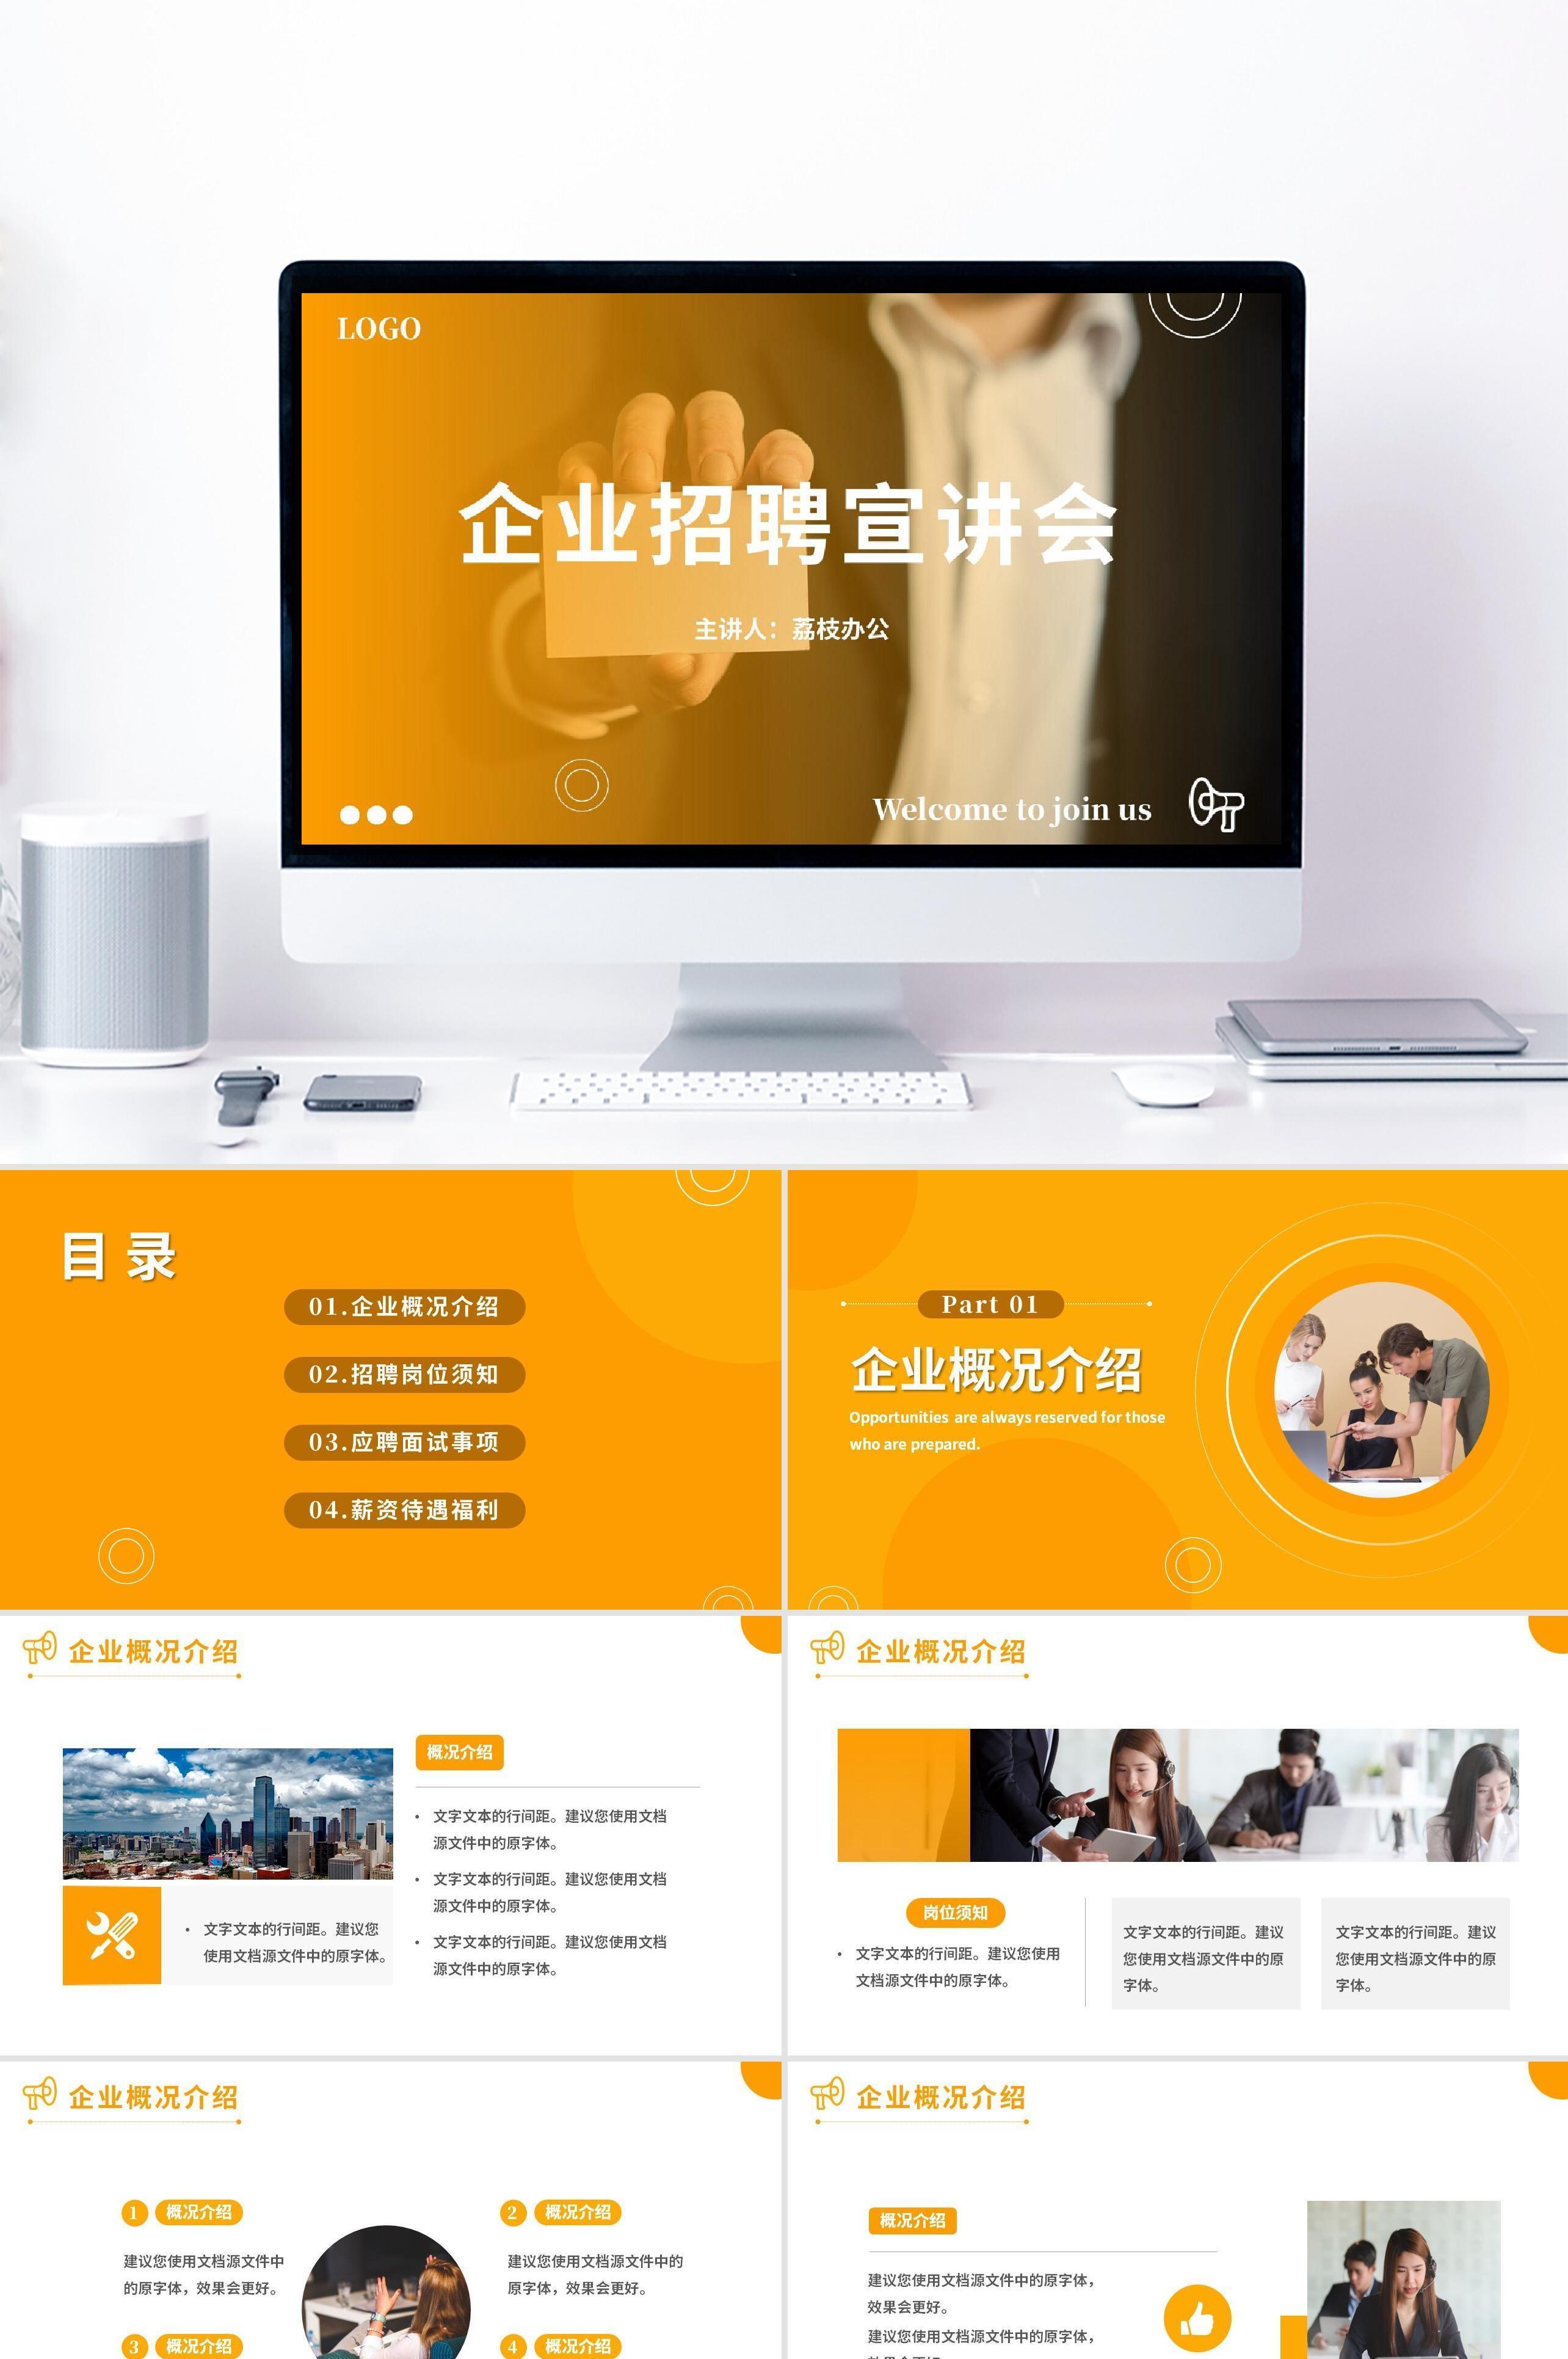 橙色商务风企业招聘宣讲会PPT模板